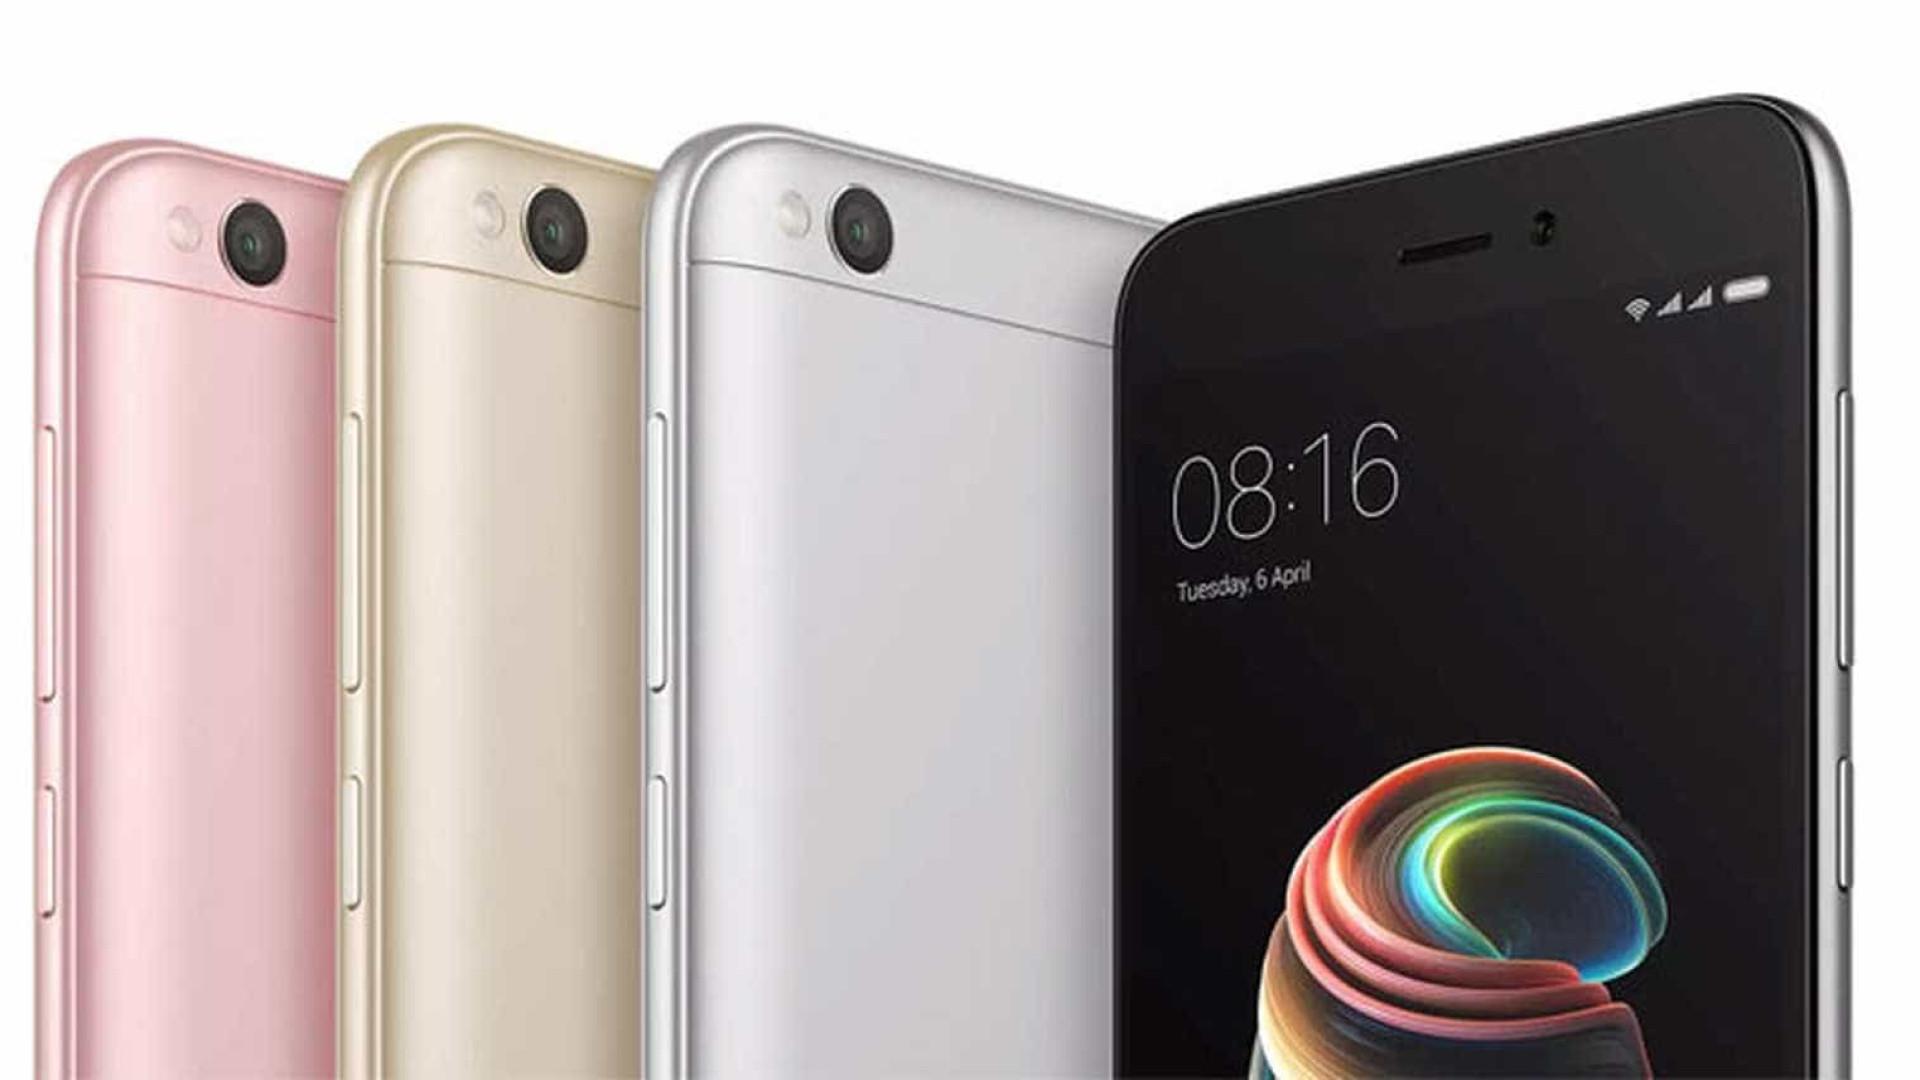 Marca chinesa tem celular de R$ 280 que é sucesso de vendas